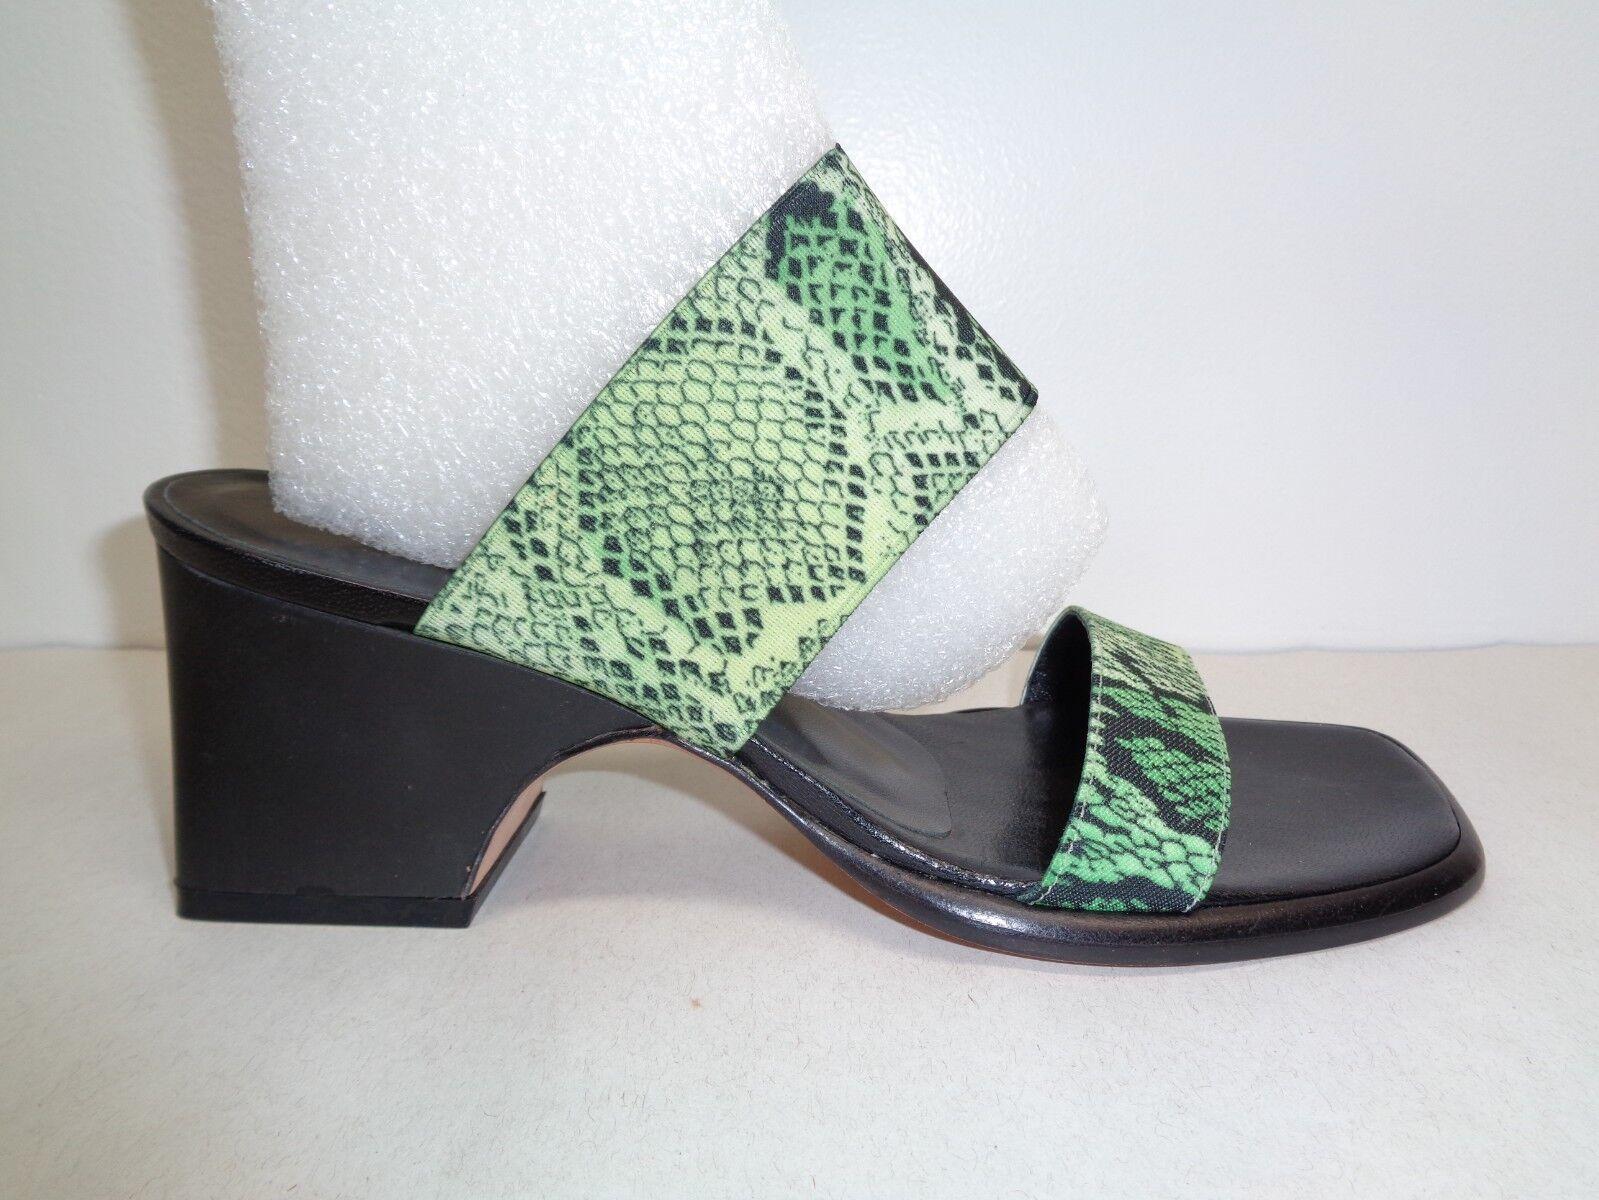 Pancaldi Pancaldi Pancaldi Talla 7 AA estrecho P9984 verde negro Tacones Sandalias nuevo Zapatos para mujer  alta calidad y envío rápido